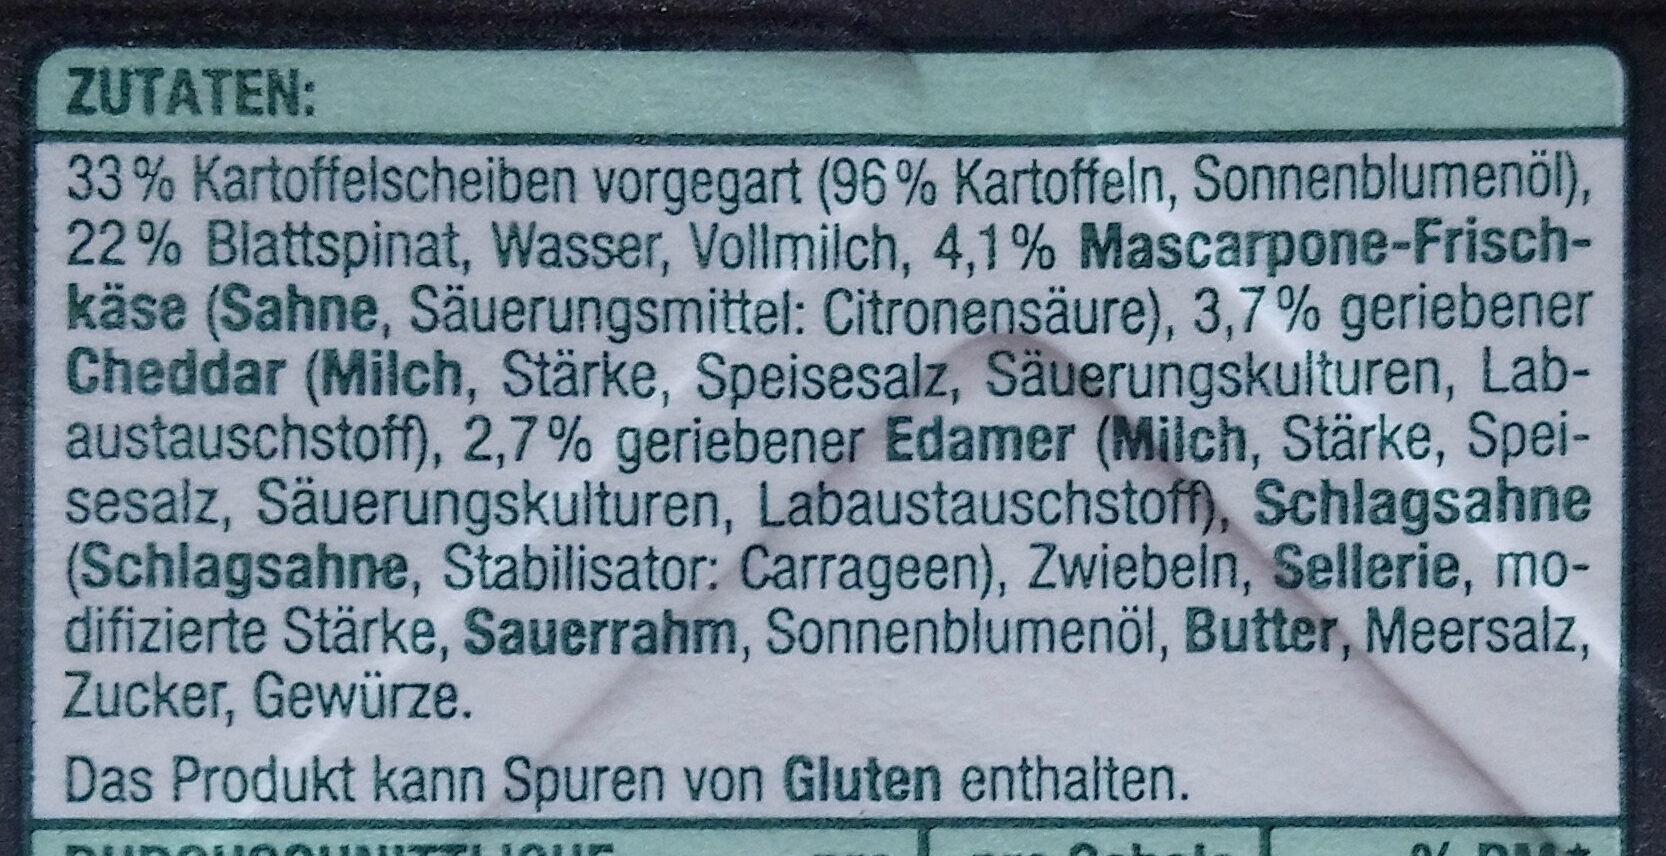 Kartoffel-Ausflauf mit Blattspinat - Ingredients - de